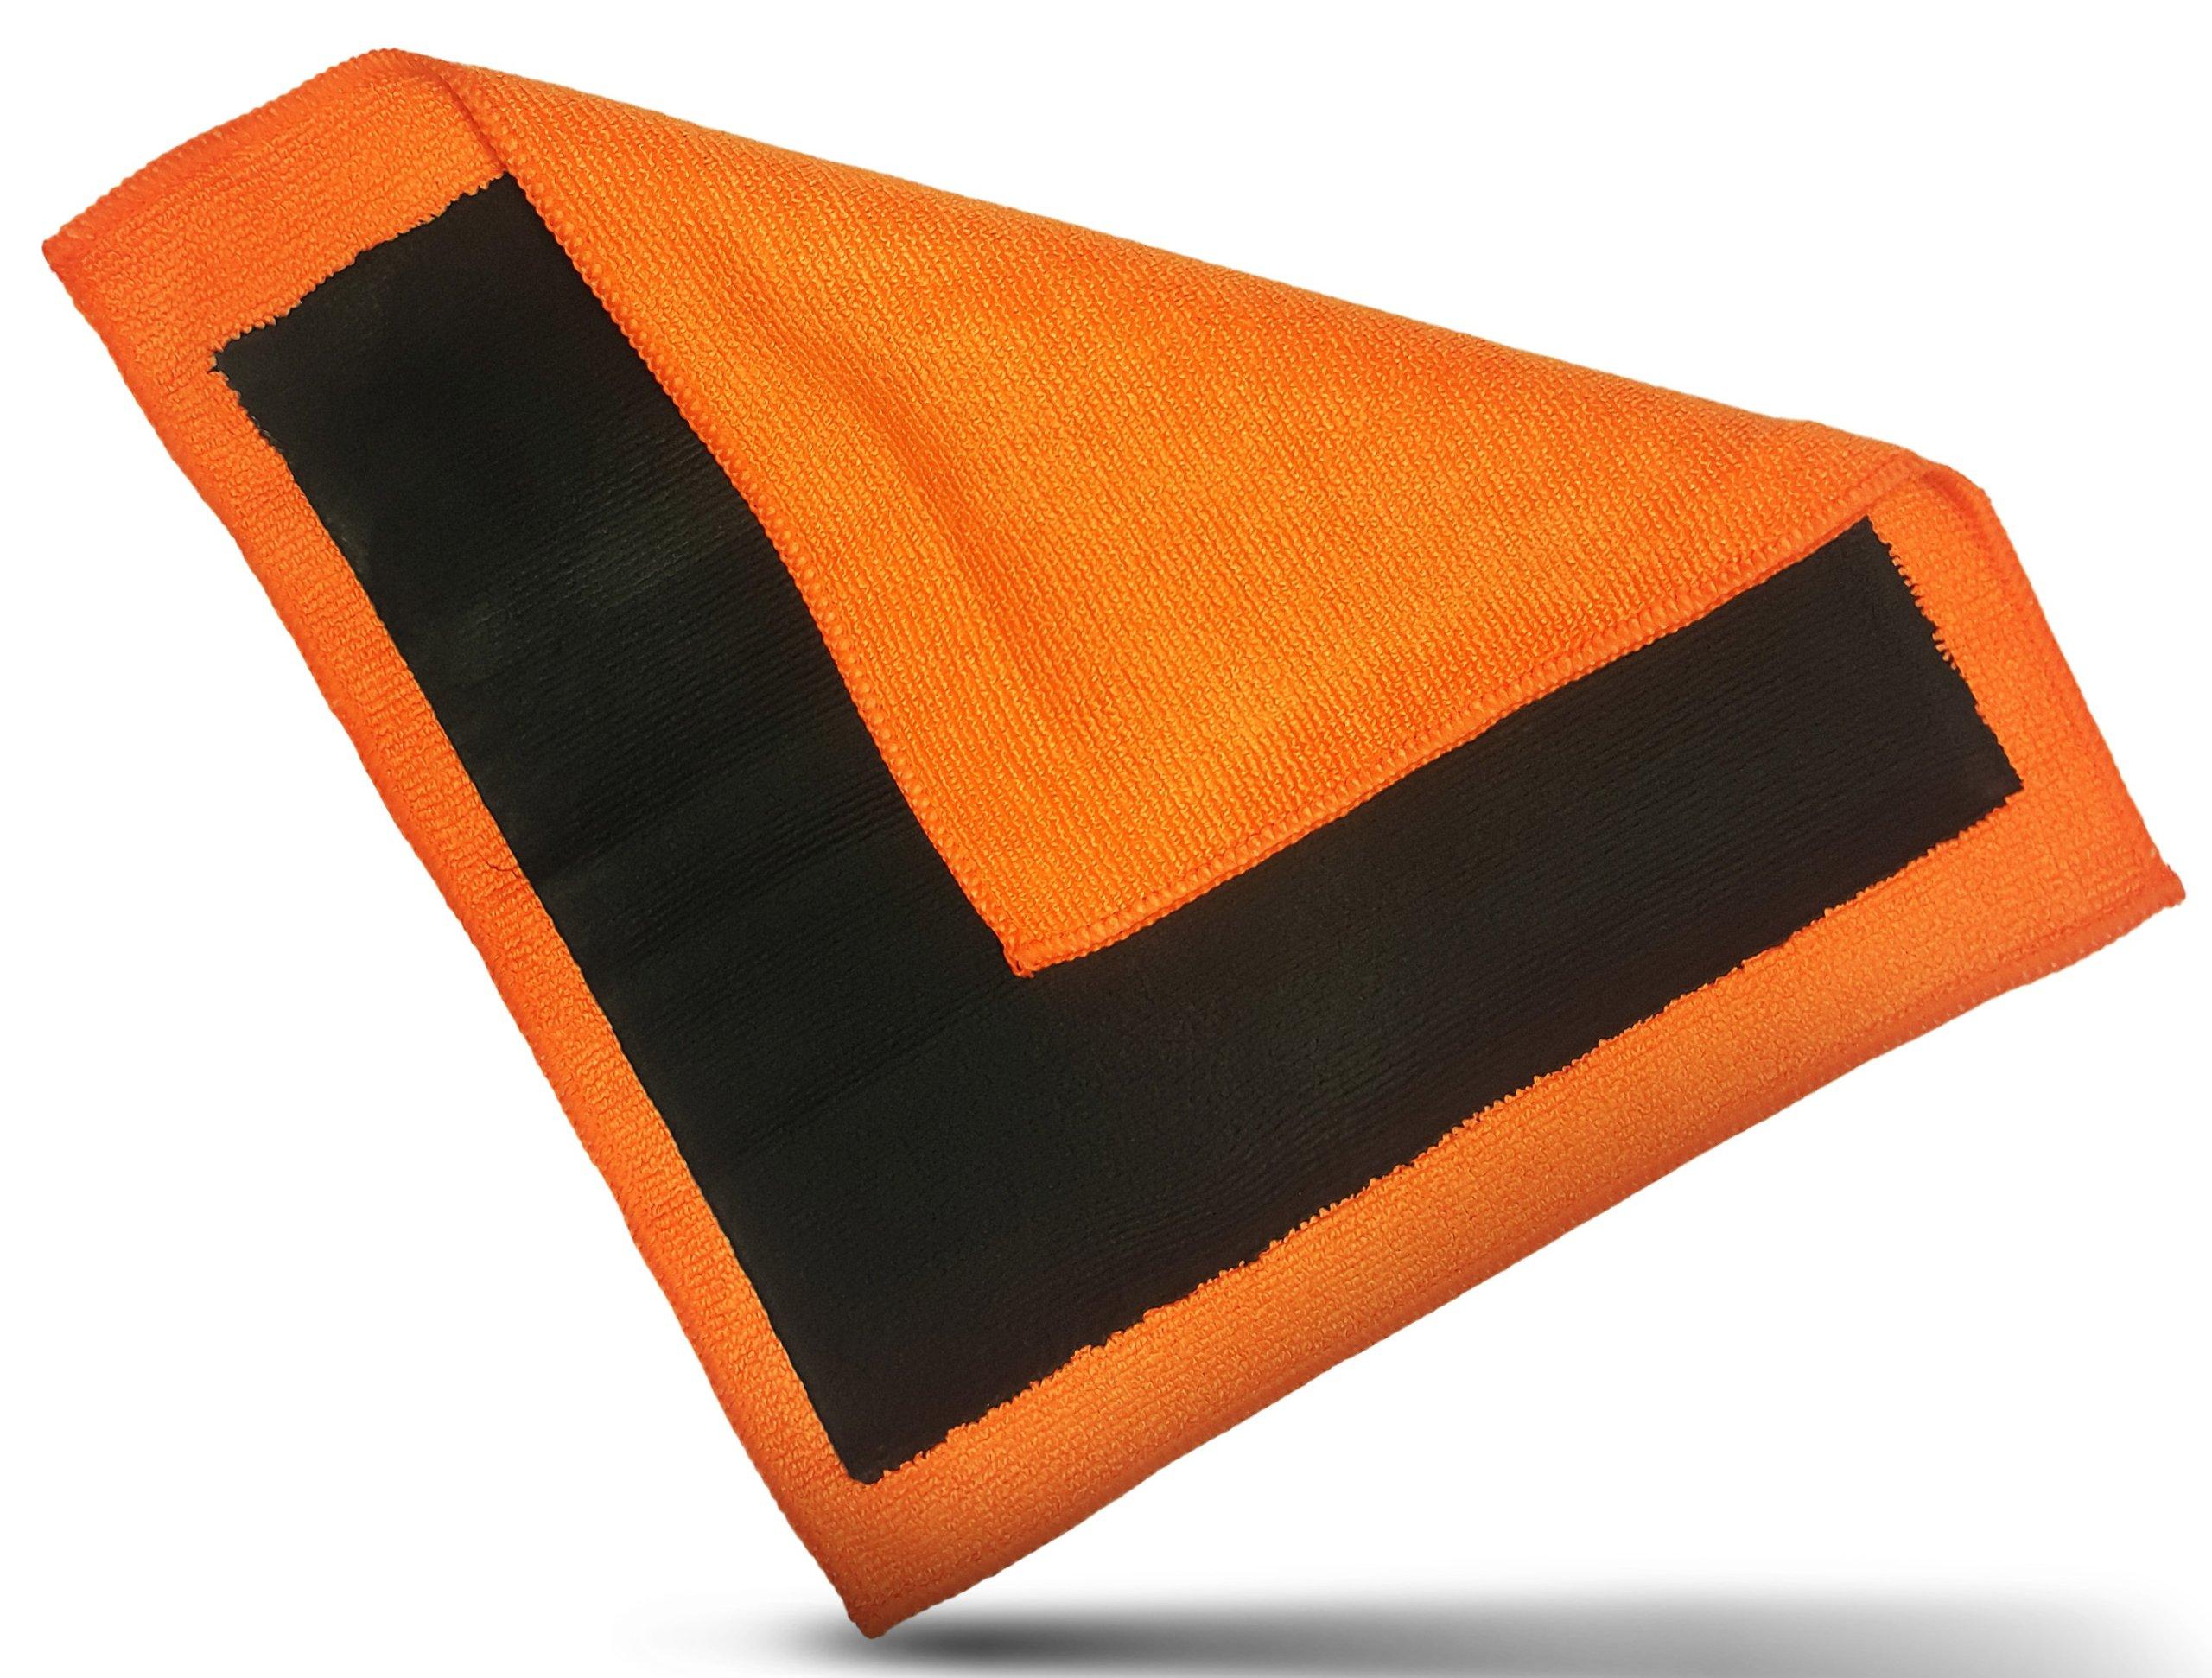 ADBL CLAY TOWEL - DECONTAMINATION POLIMER CLOTH